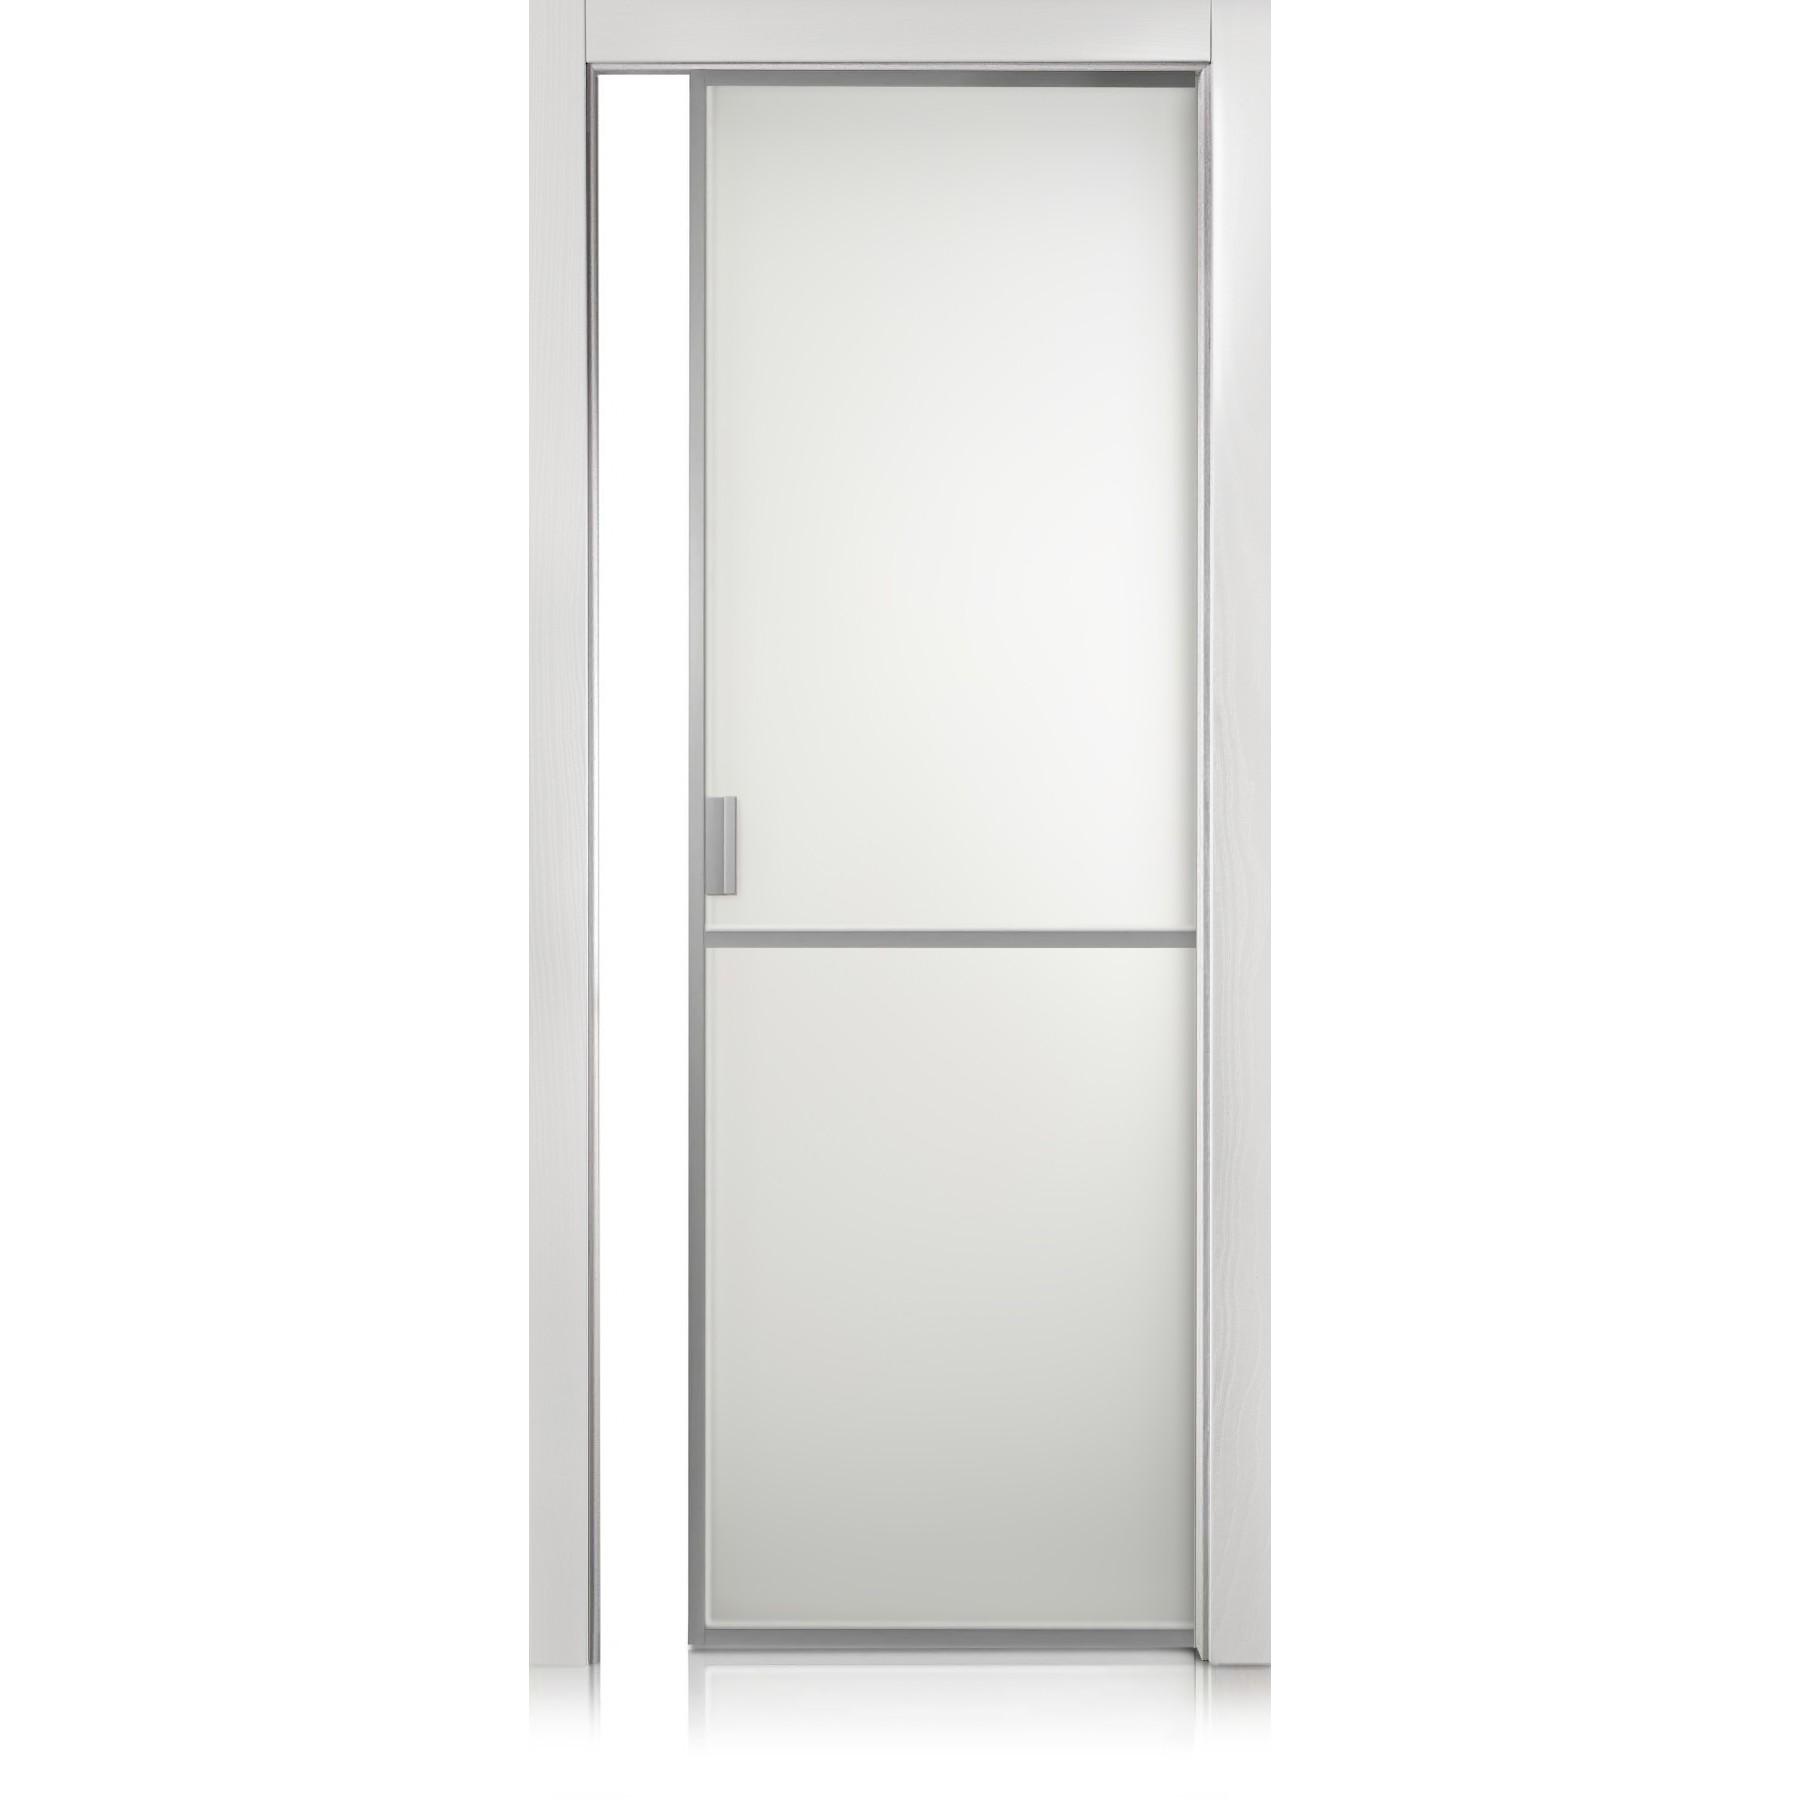 Cristal Frame / 1 trame bianco optical door